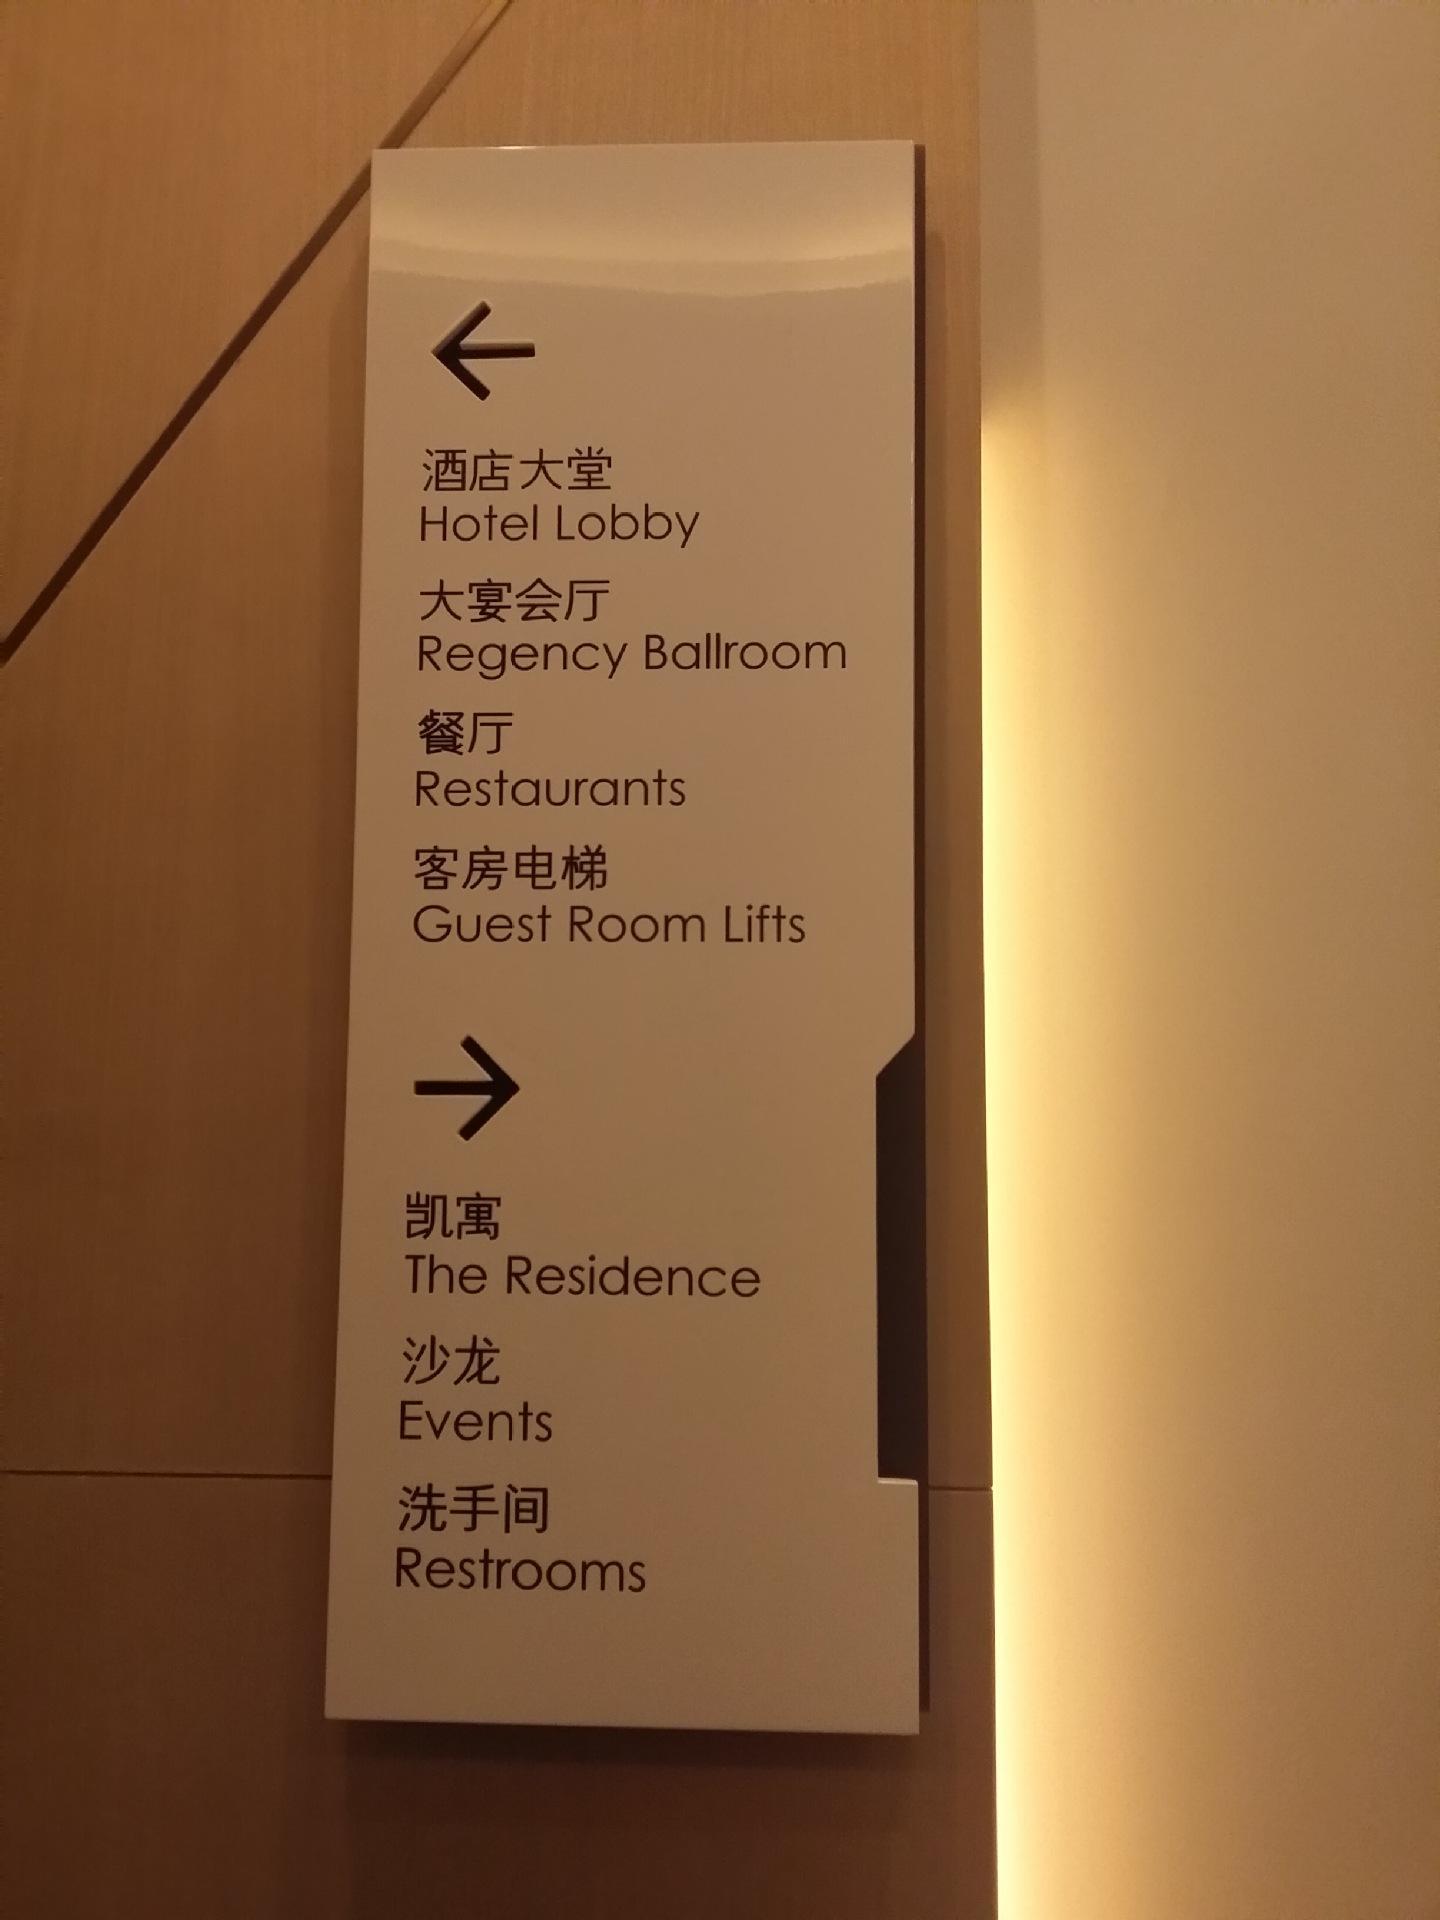 酒店标识标牌的设计方法分析